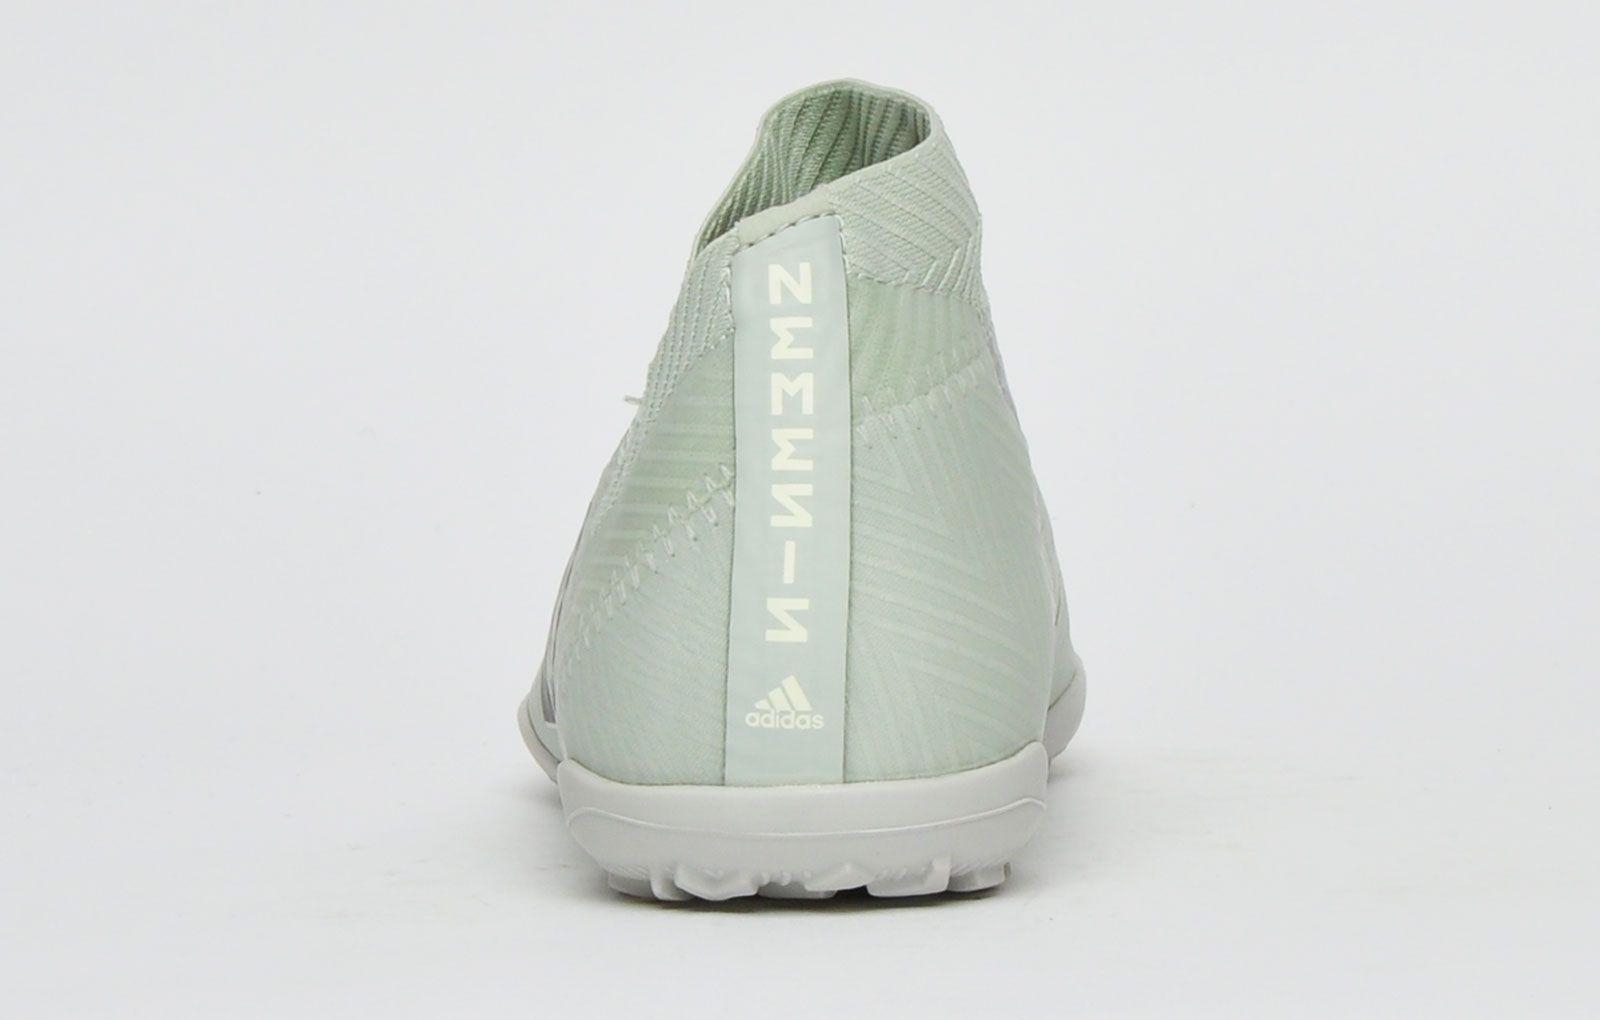 Adidas Nemeziz Tango 18.3 TF Junior